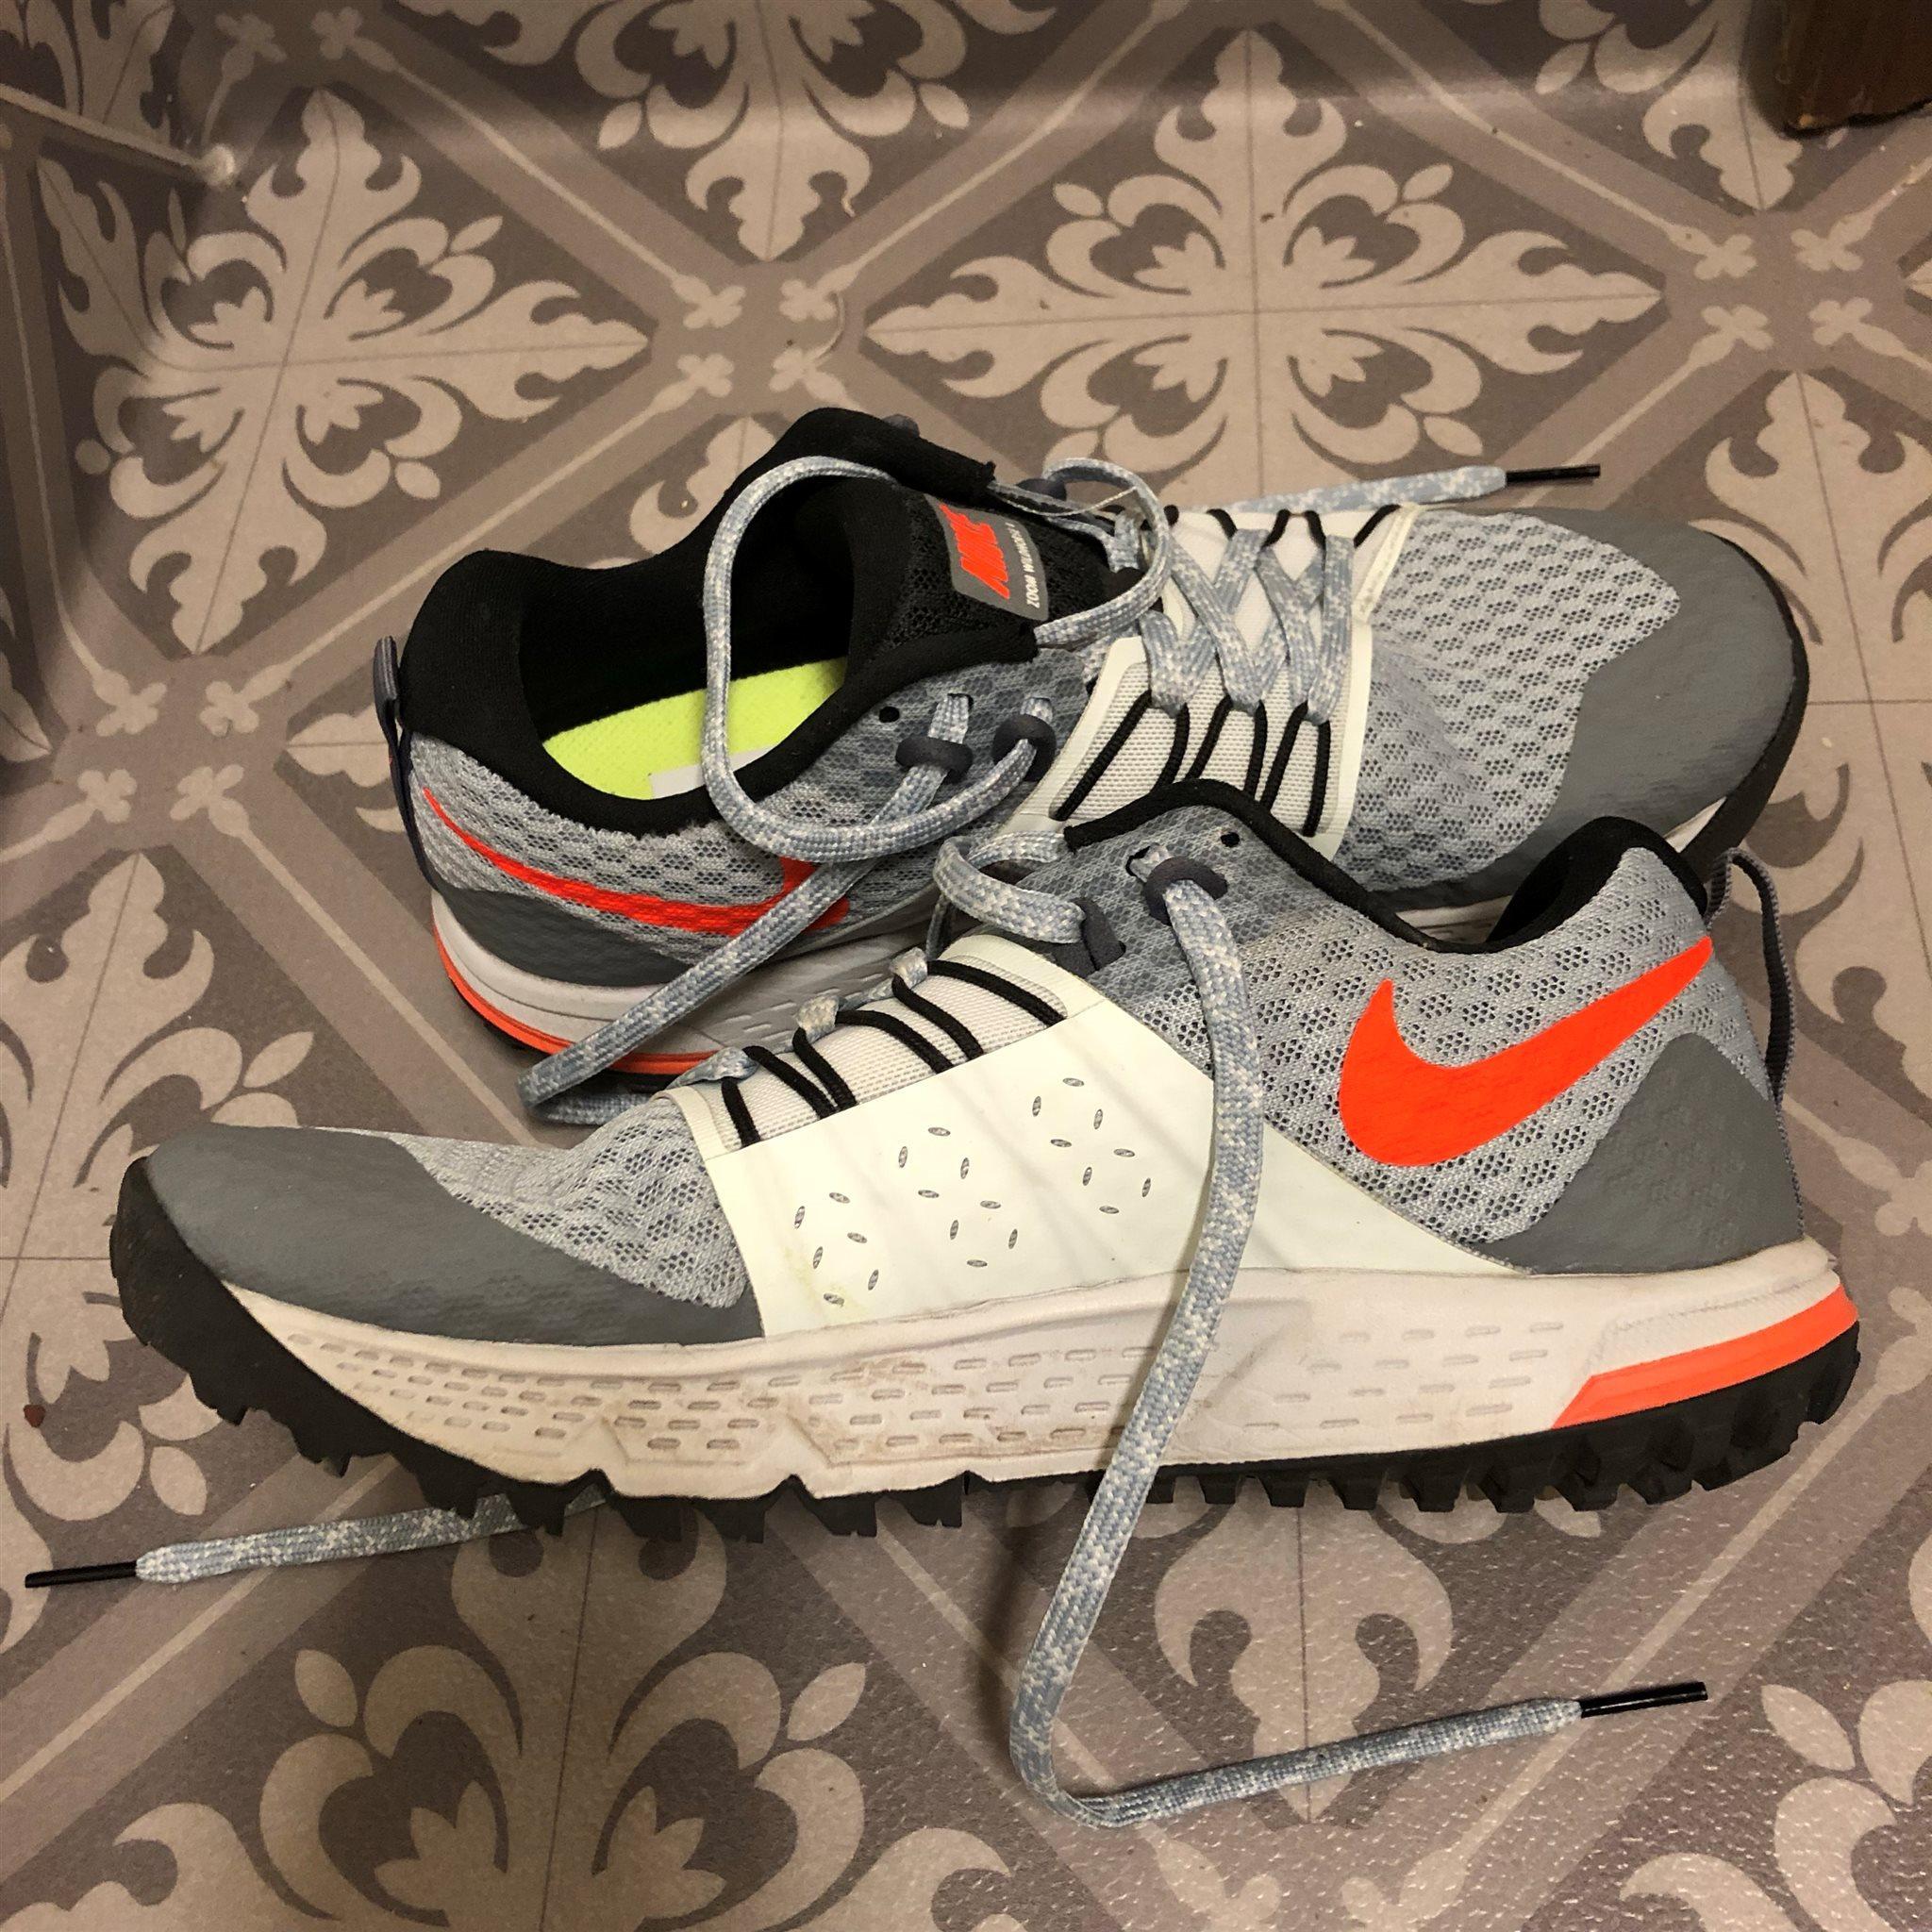 Nike Air Zoom Wildhorse 4 trailskor terrängskor.. (336982142) ᐈ Köp ... a1d8d0a591